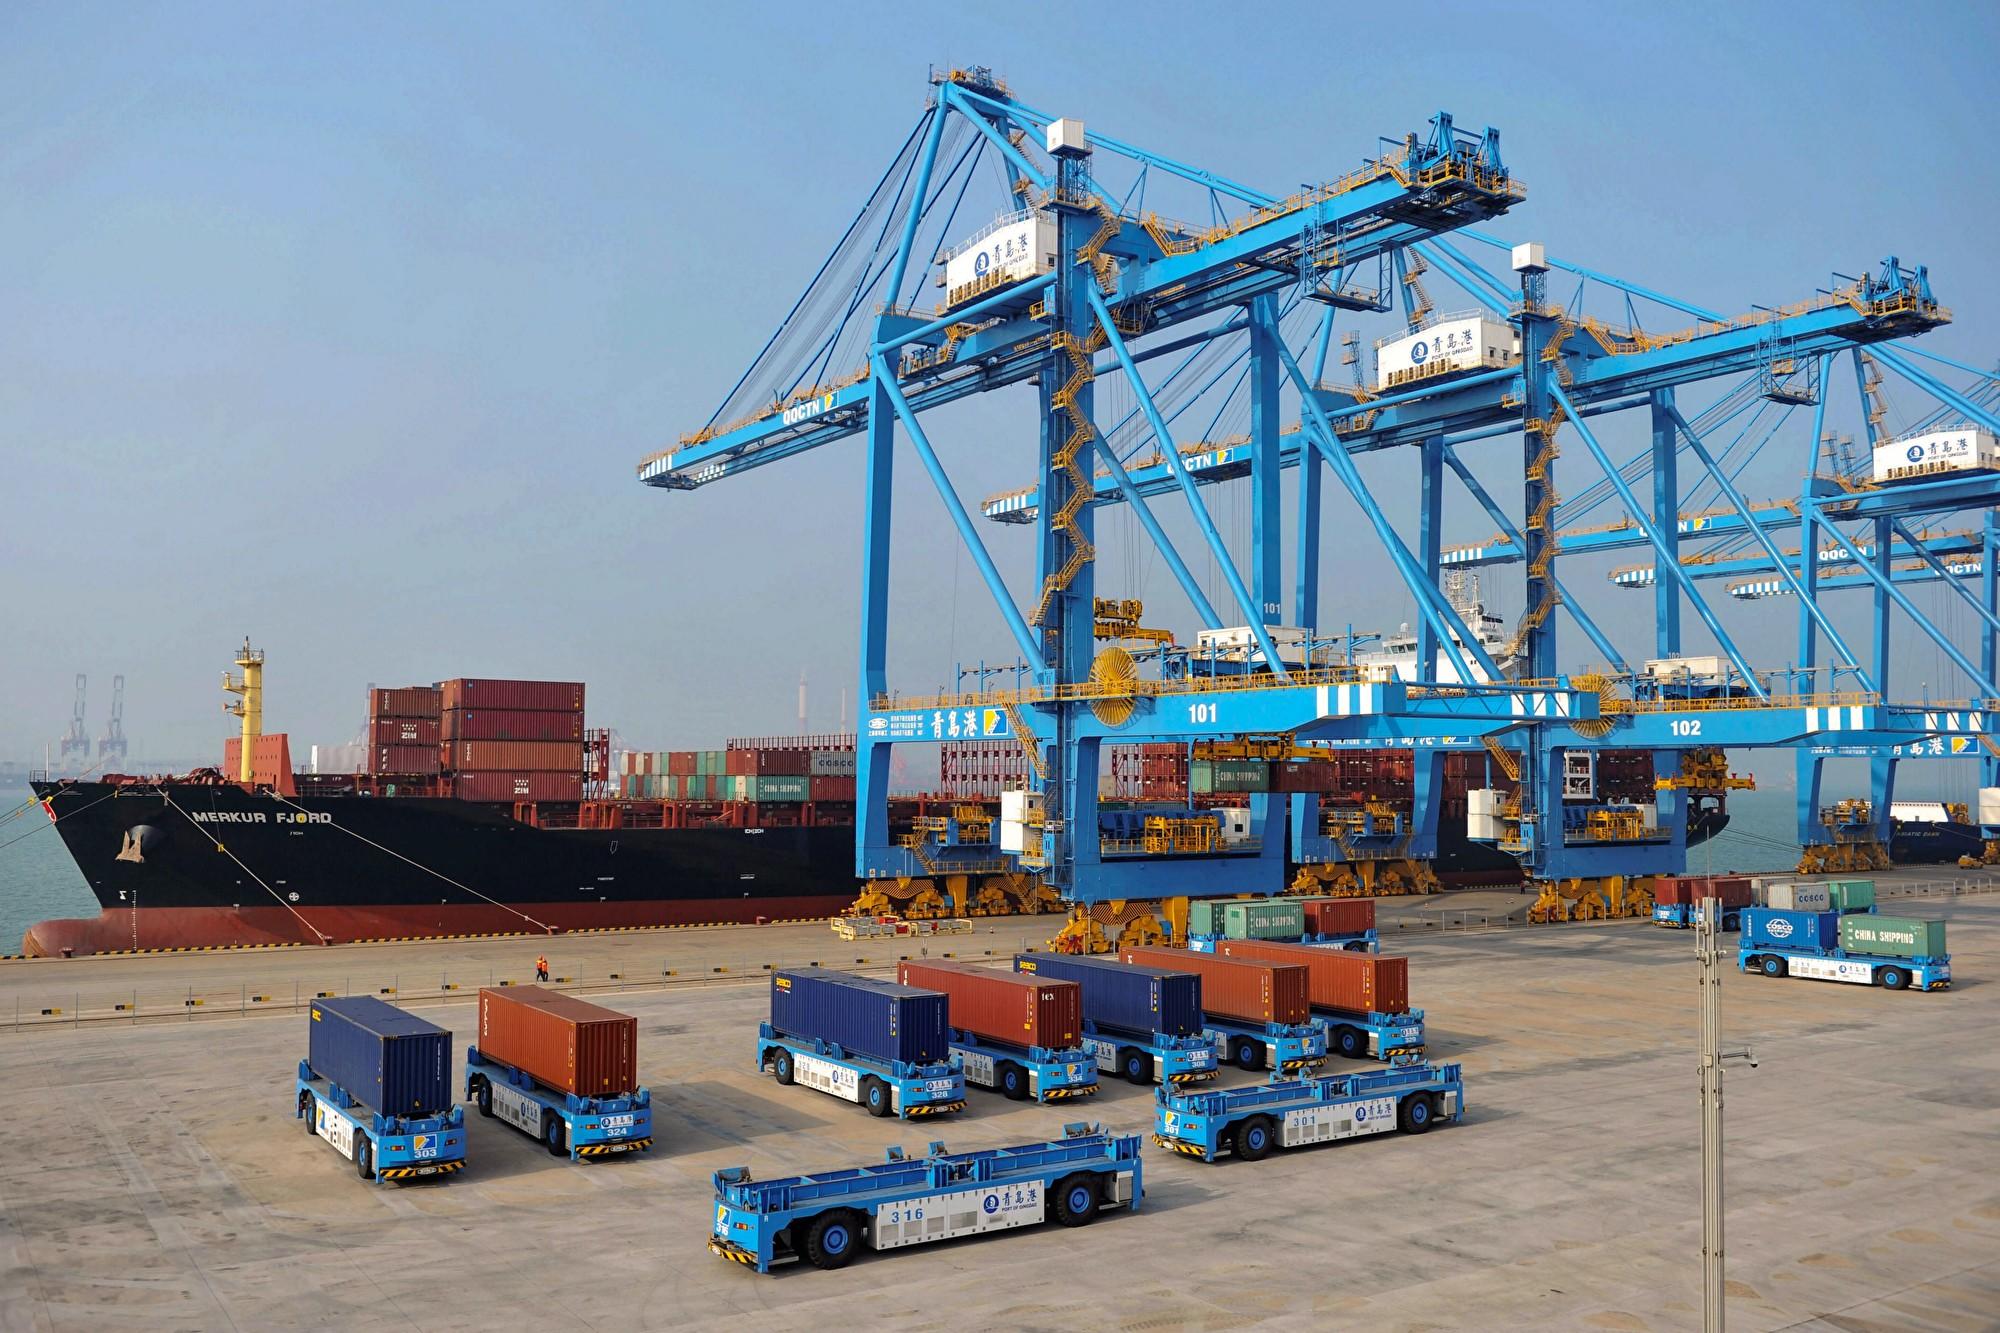 分析:無論貿易戰結果如何 三件事不可逆轉